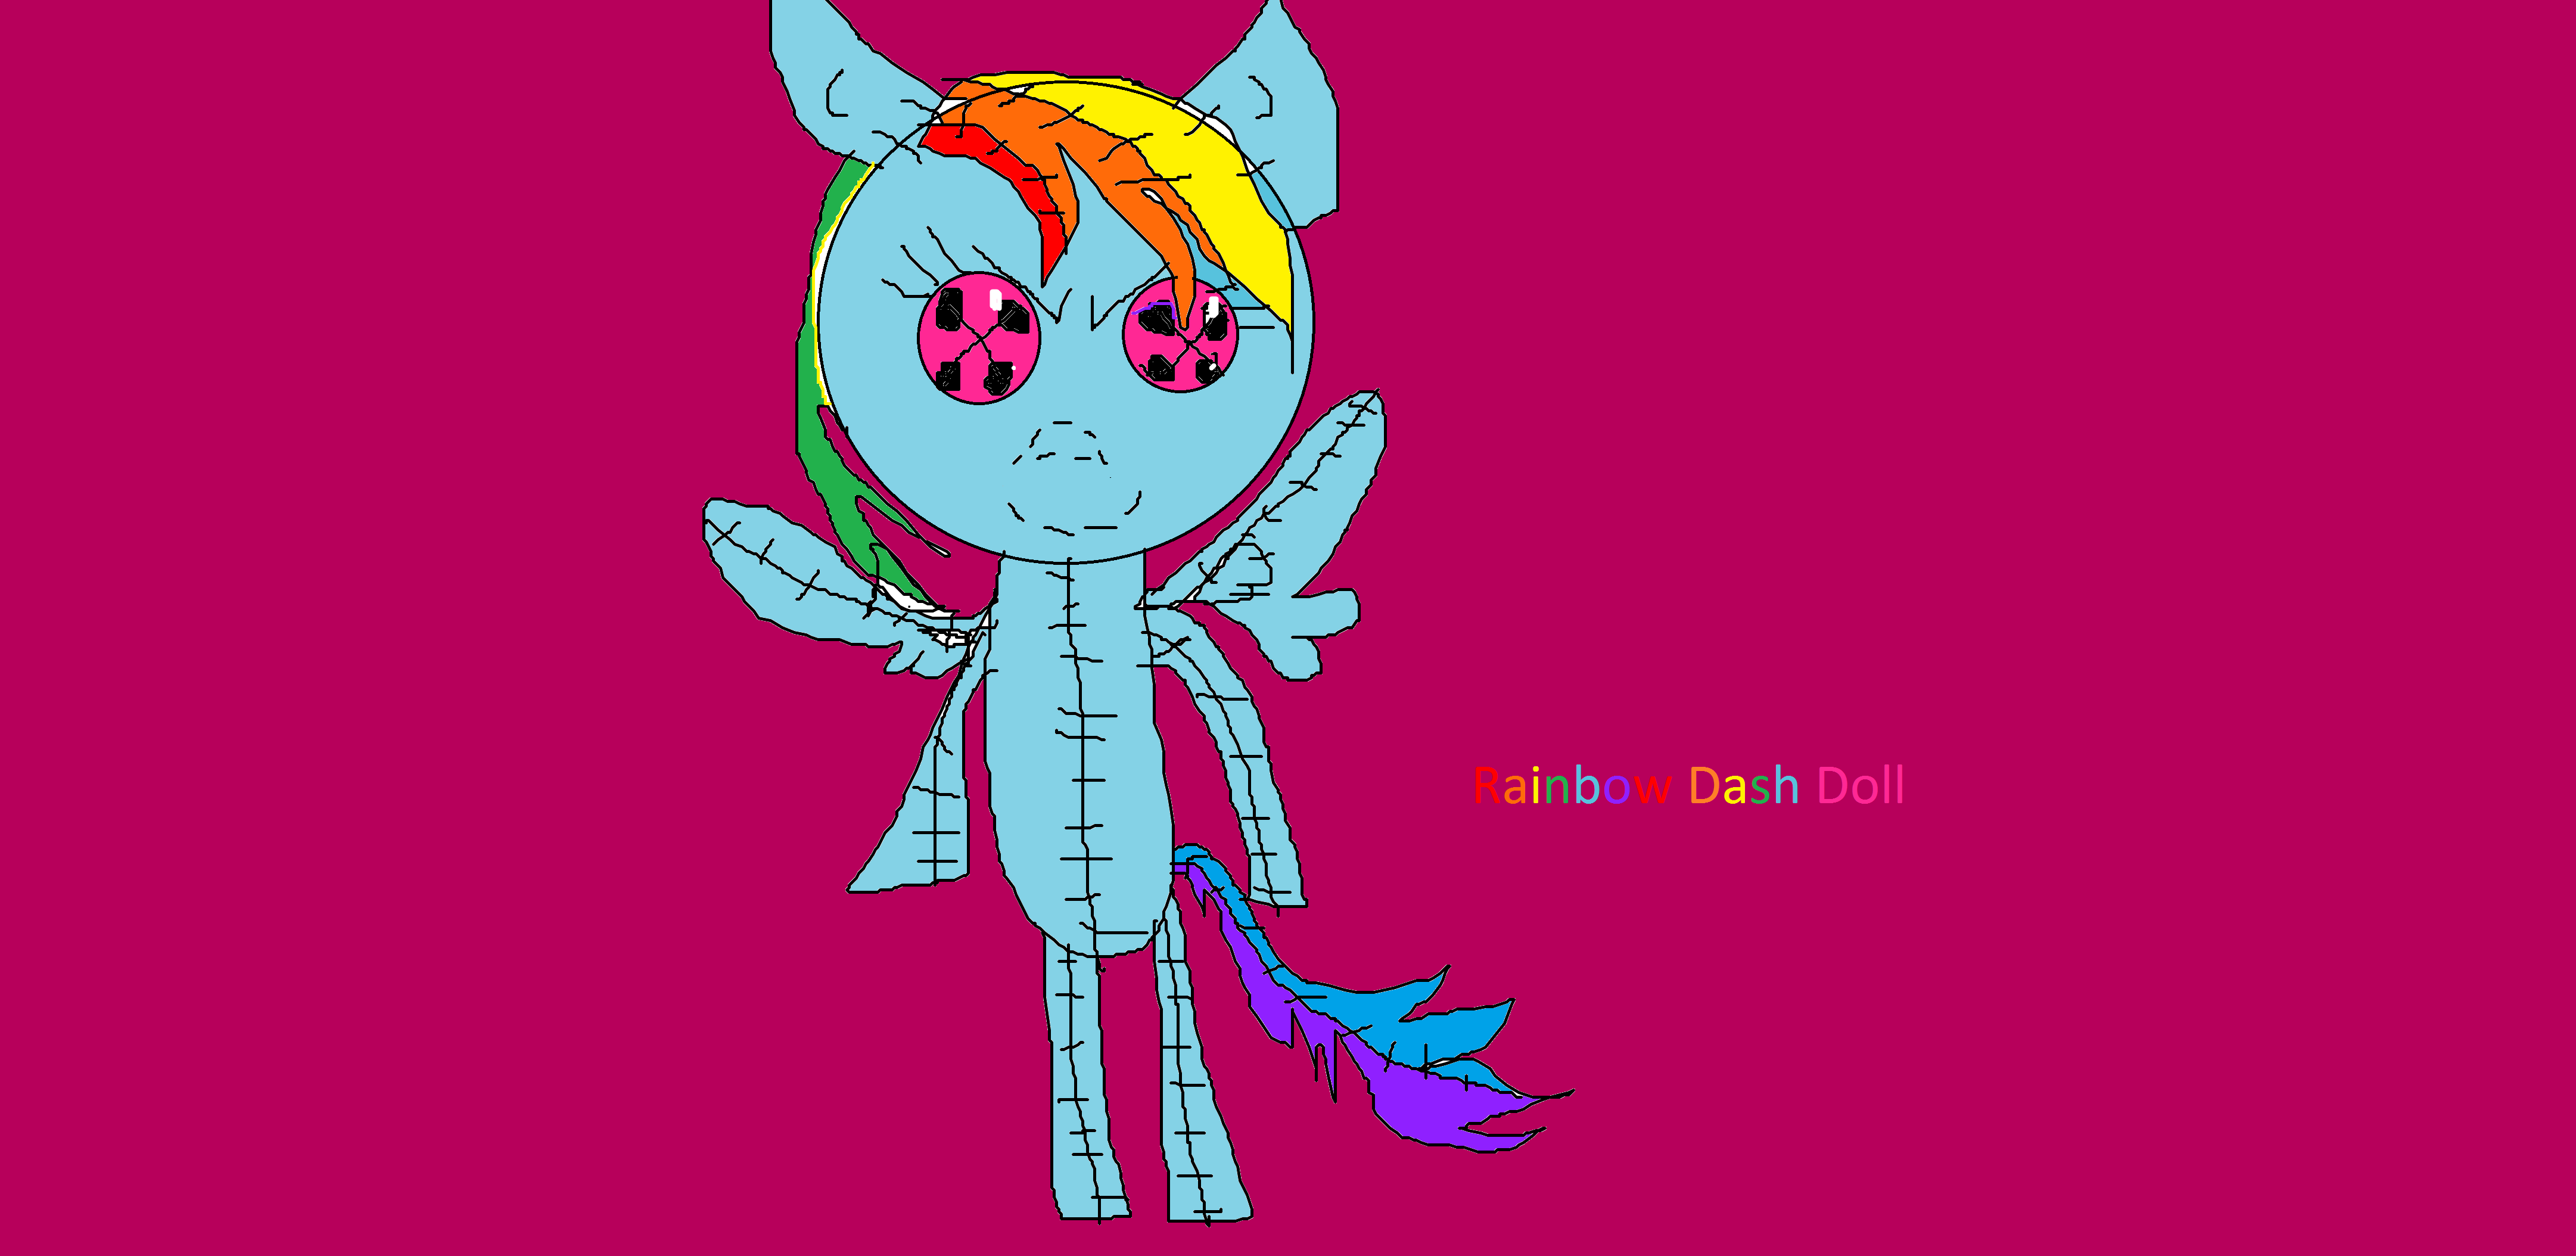 Rainbowdash Doll